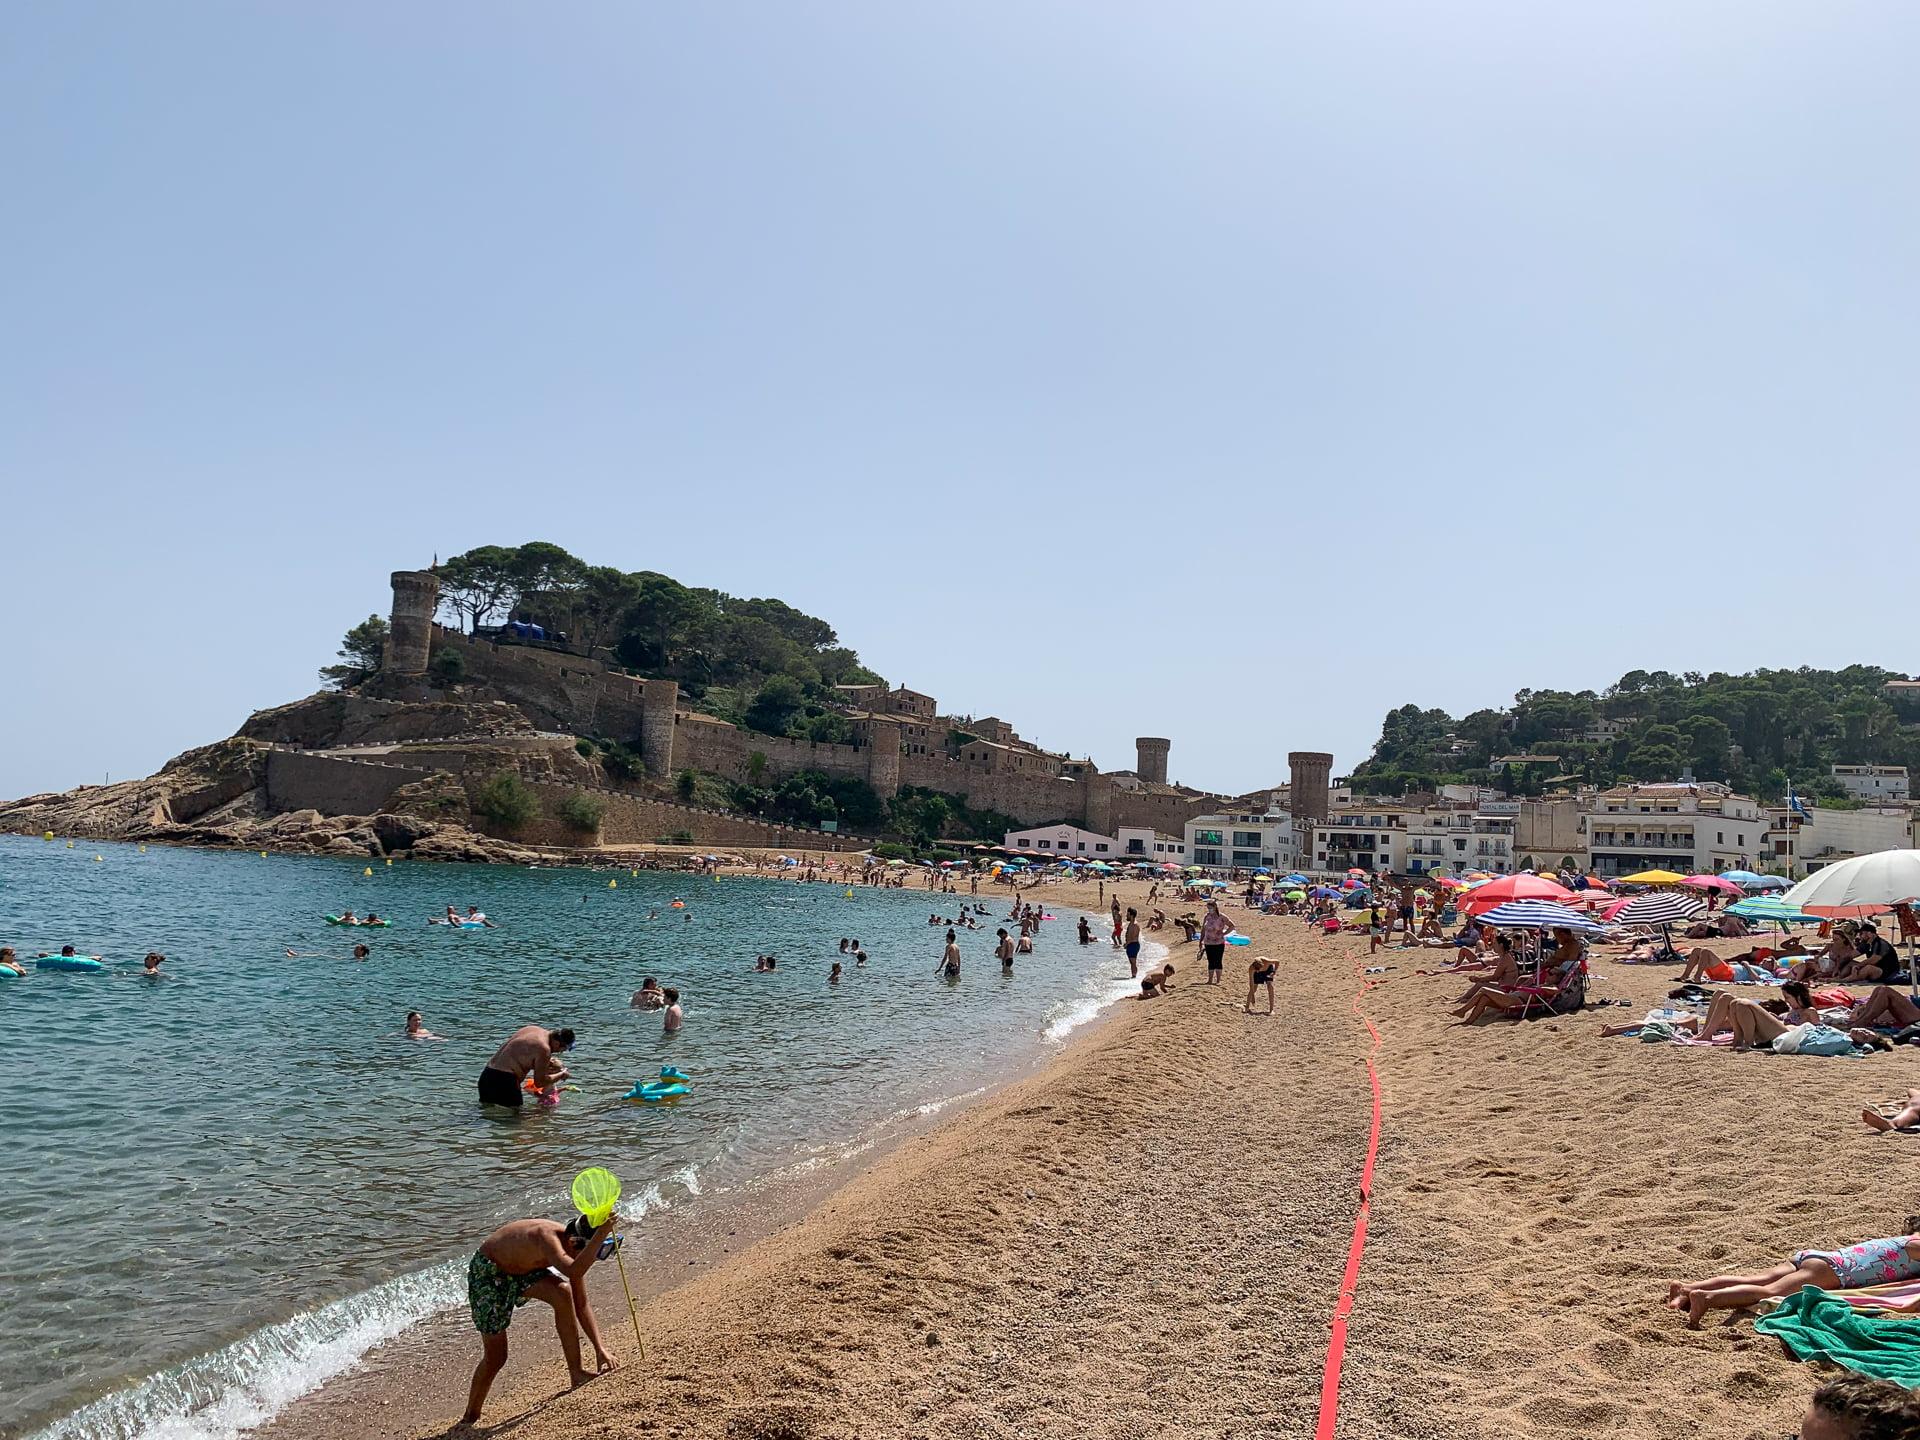 De ideale vakantie in Tossa de Mar